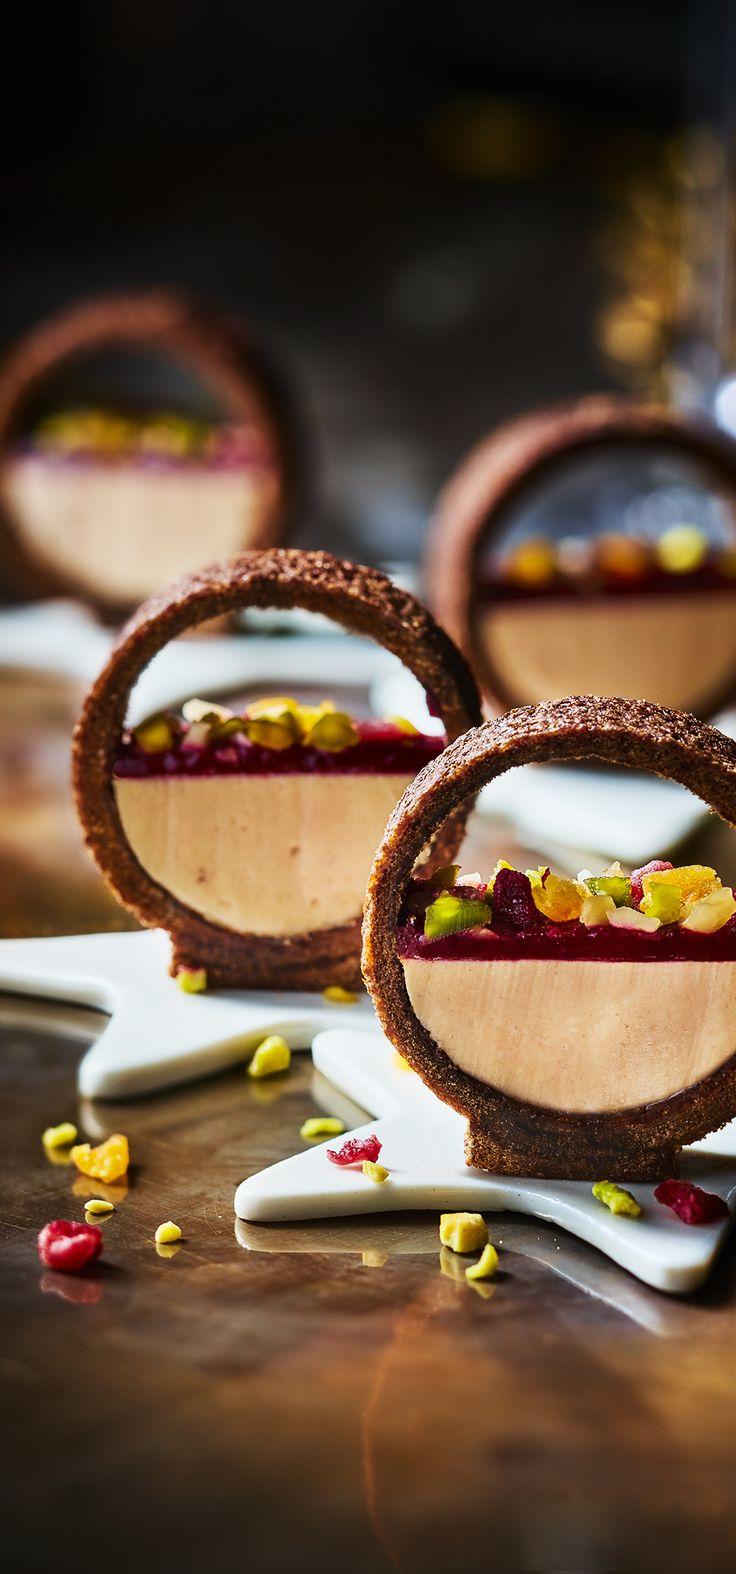 #MaTableAuSommet Au centre d'un anneau croustillant au cacao, elles se composent d'une base de bloc de foie gras de canard nappé d'un coulis de cassis noir de Bourgogne et recouvert de fruits secs. #FoieGras #Festif #Apéritif